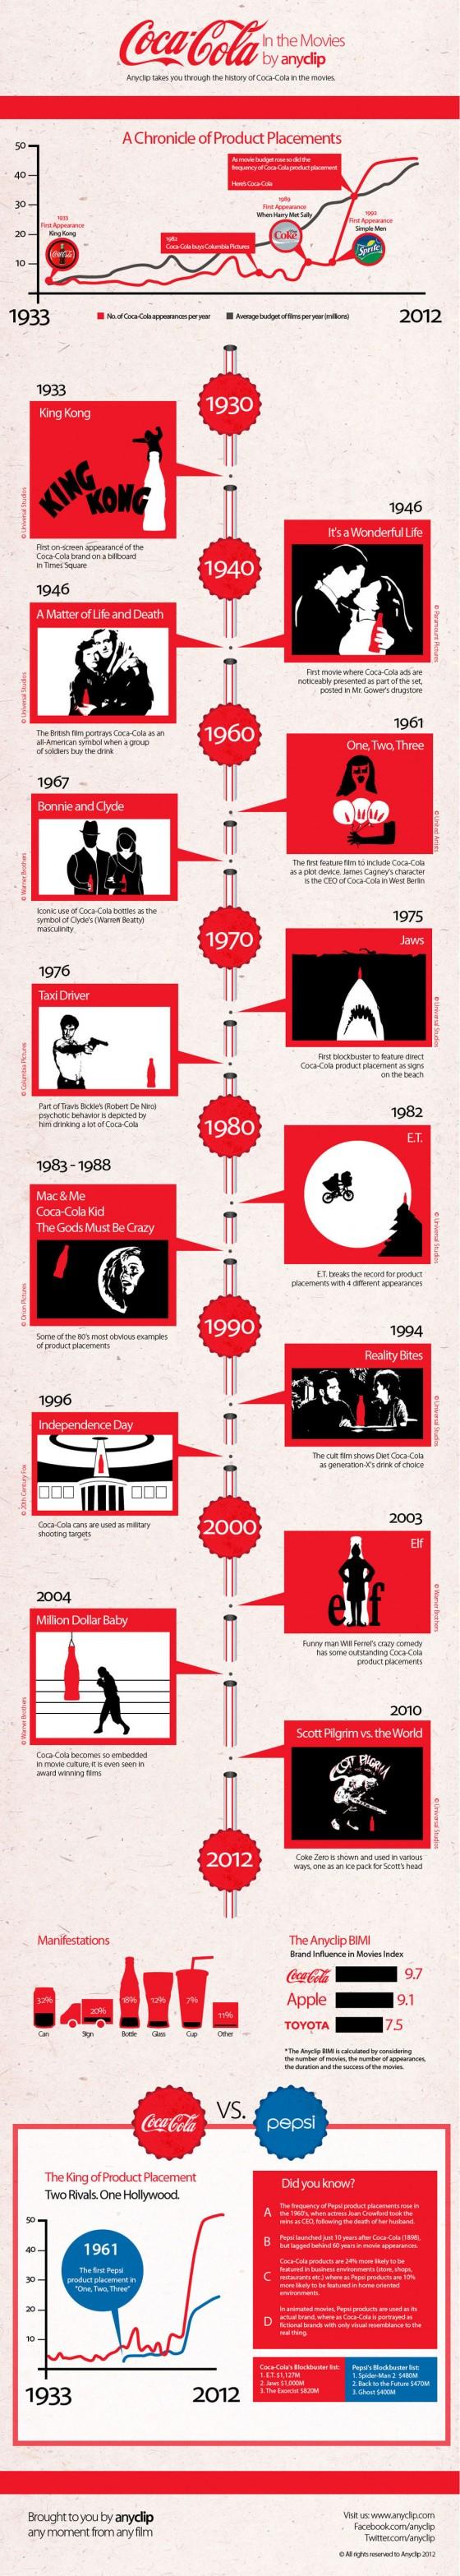 Coke Infographic 560x3134